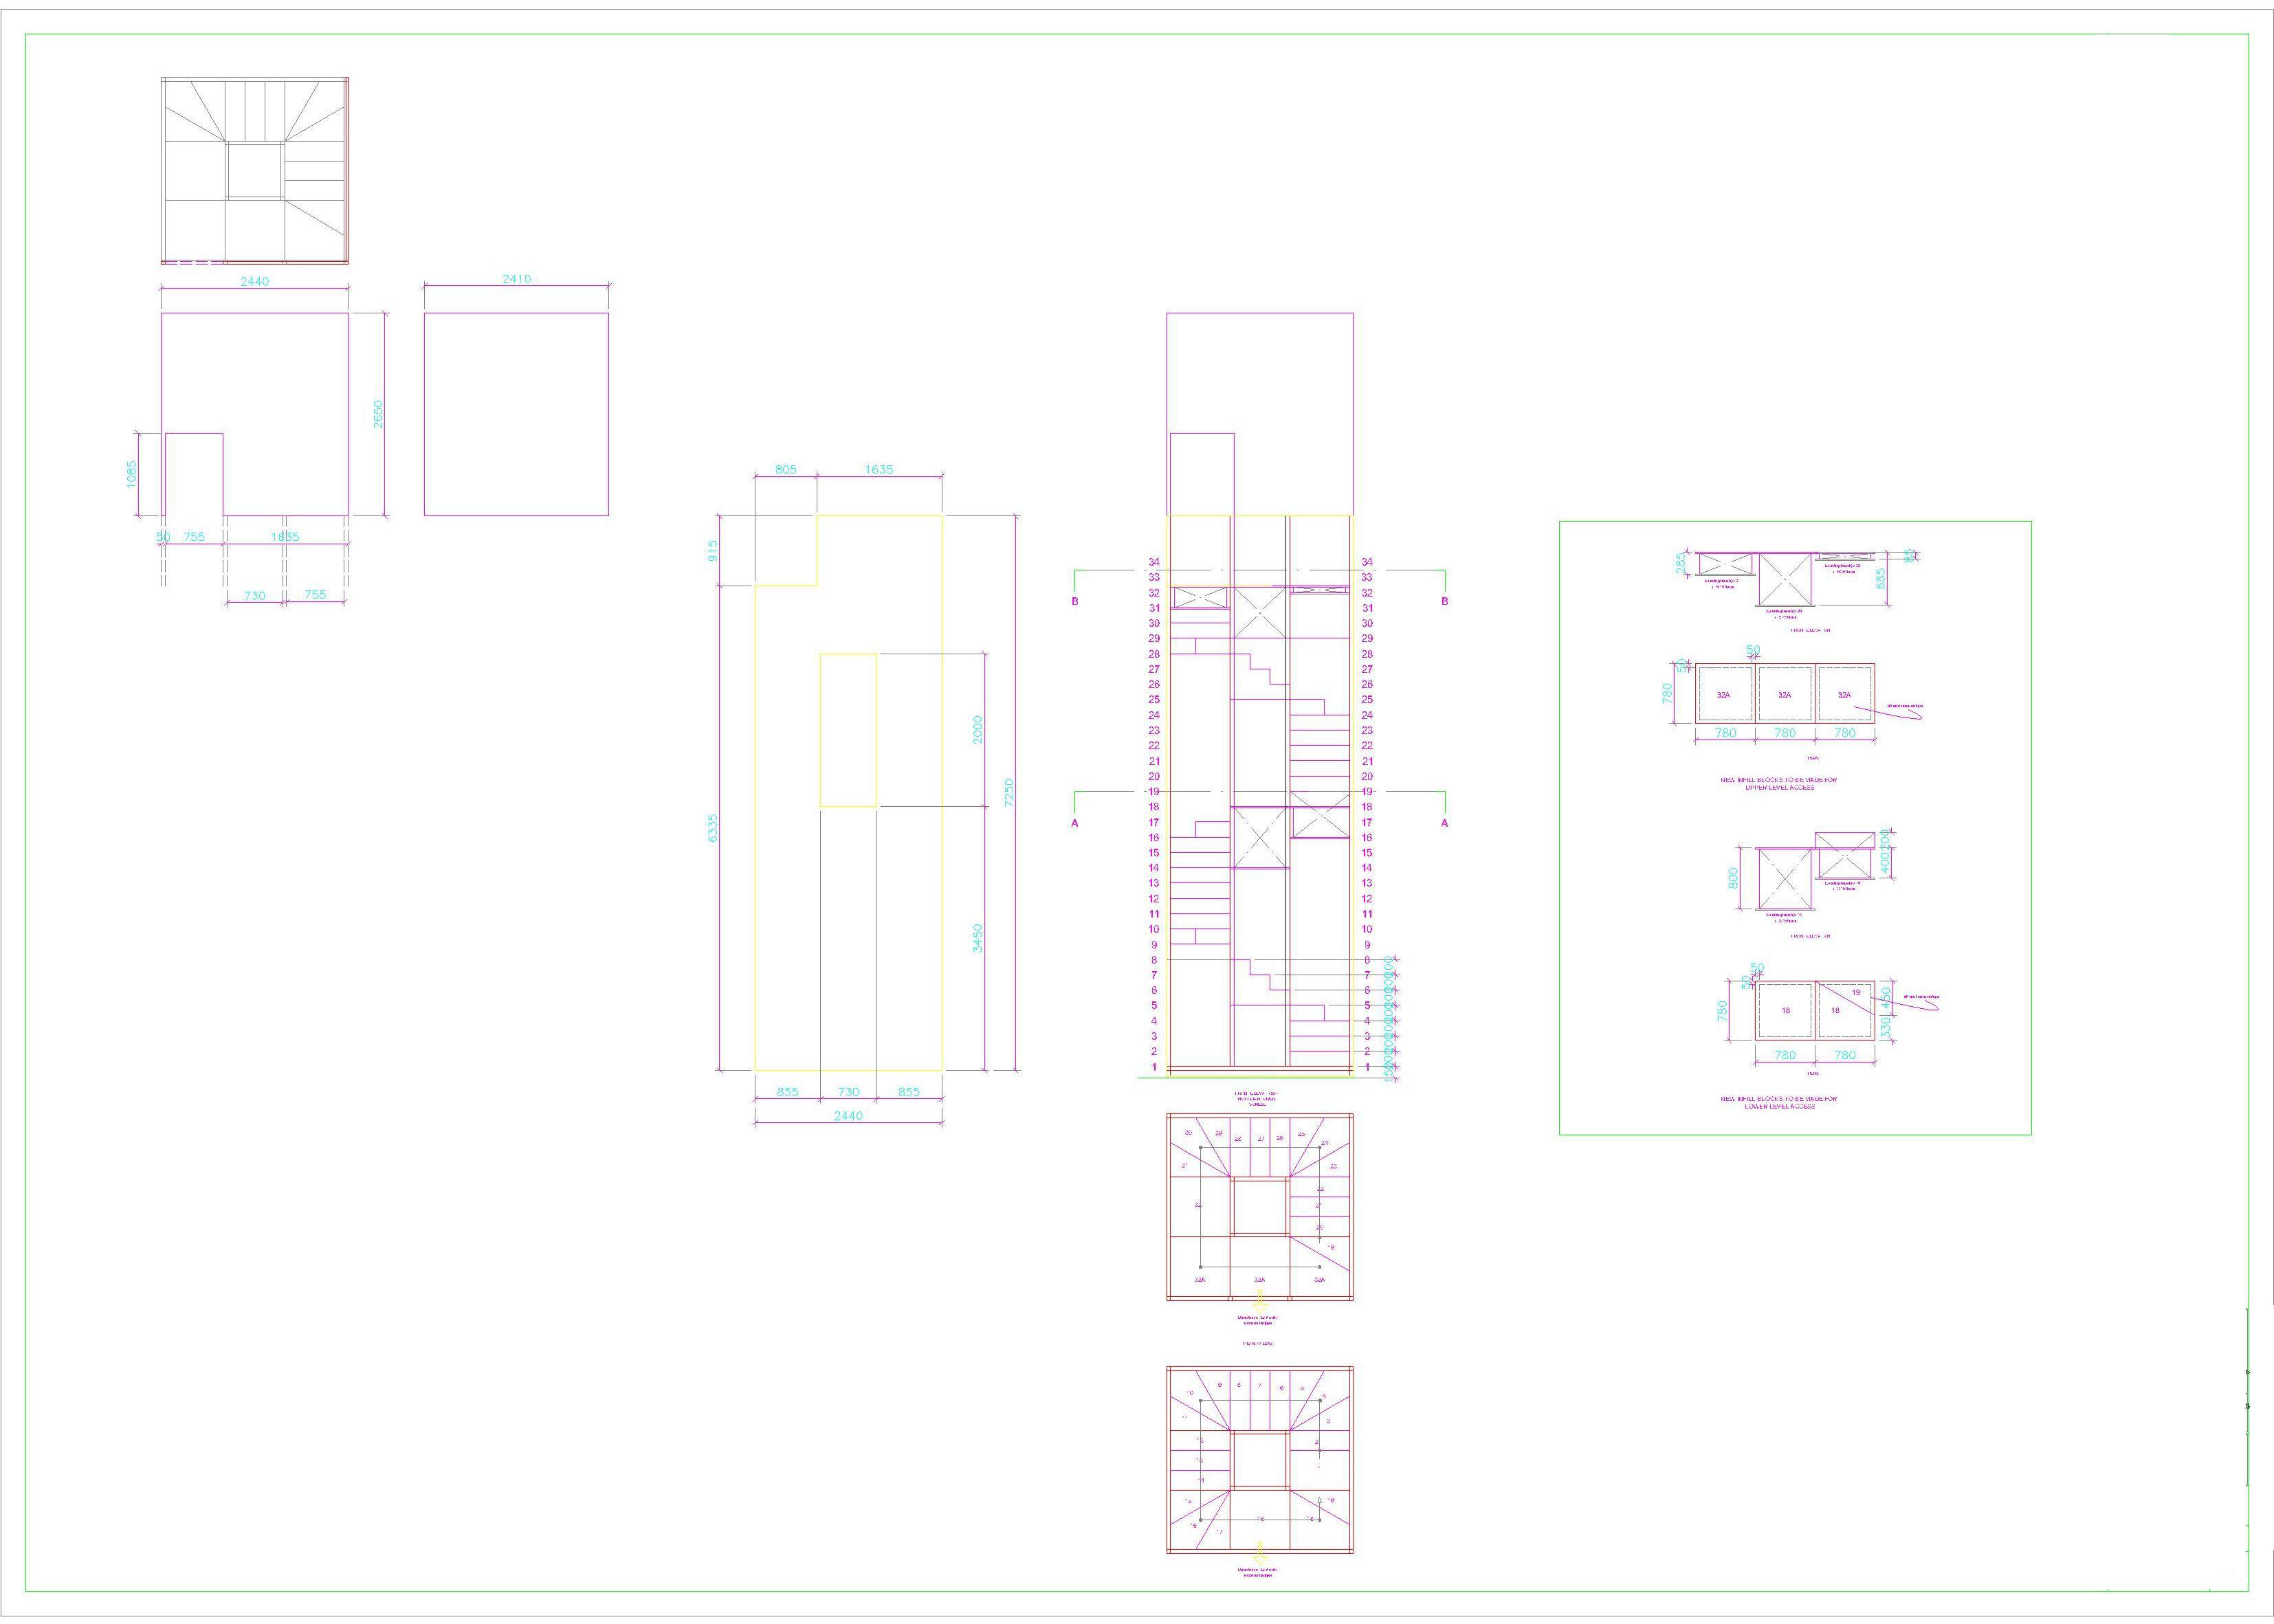 -access-tower-level-infills-a0-sheet